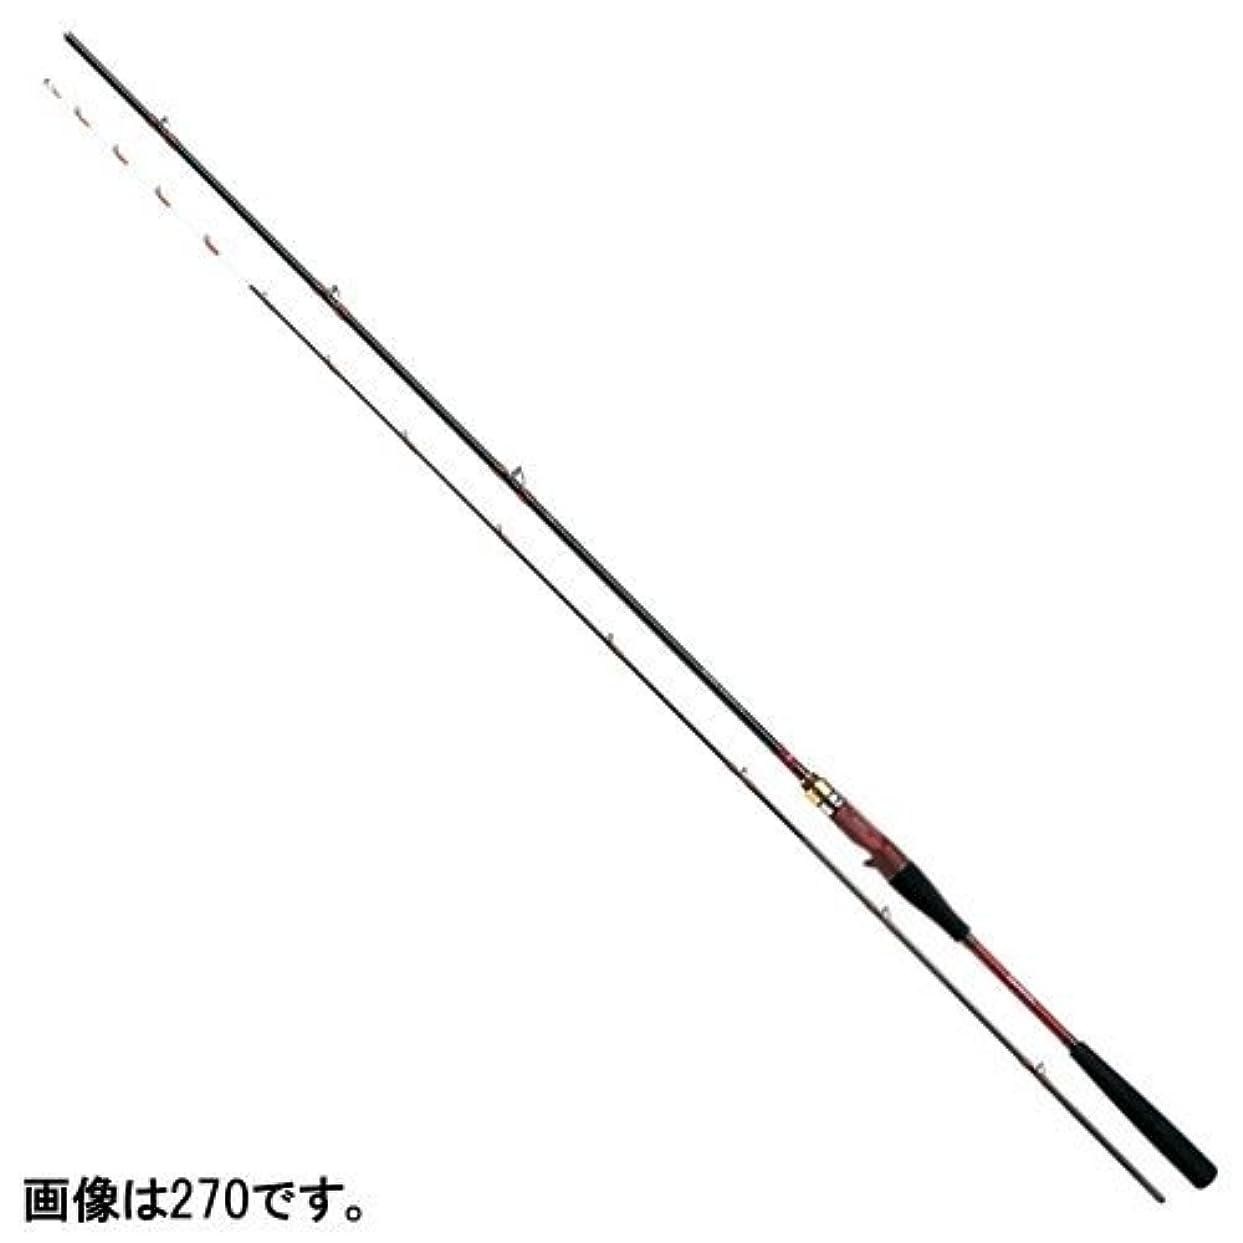 均等にニッケル栄養ダイワ(Daiwa) 船竿 ベイト アナリスター 瀬戸内タイサビキ 270 釣り竿